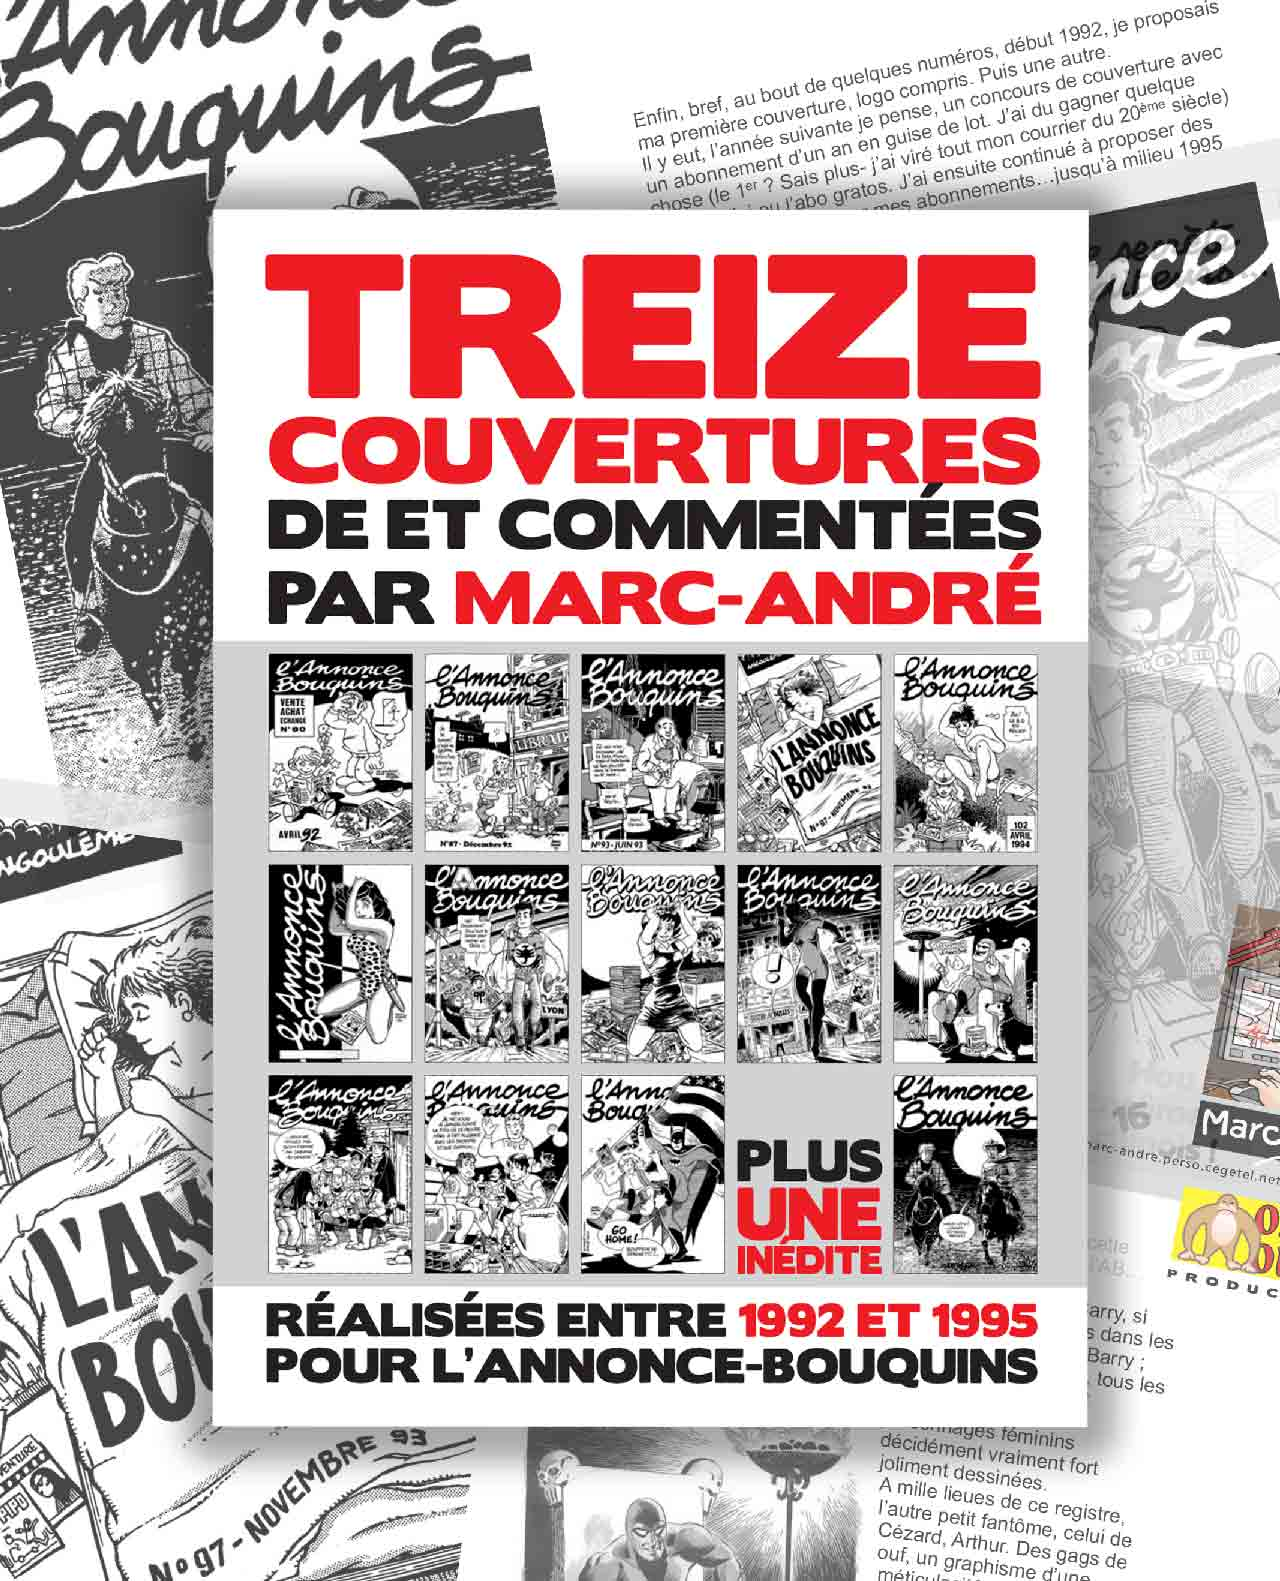 13 couvertures de L'annonce-Bouquins par Marc-André 1998 - 1992-1995 - Bande dessinée - Libourne - Marc-André BD Illustration Graphisme - Limoges